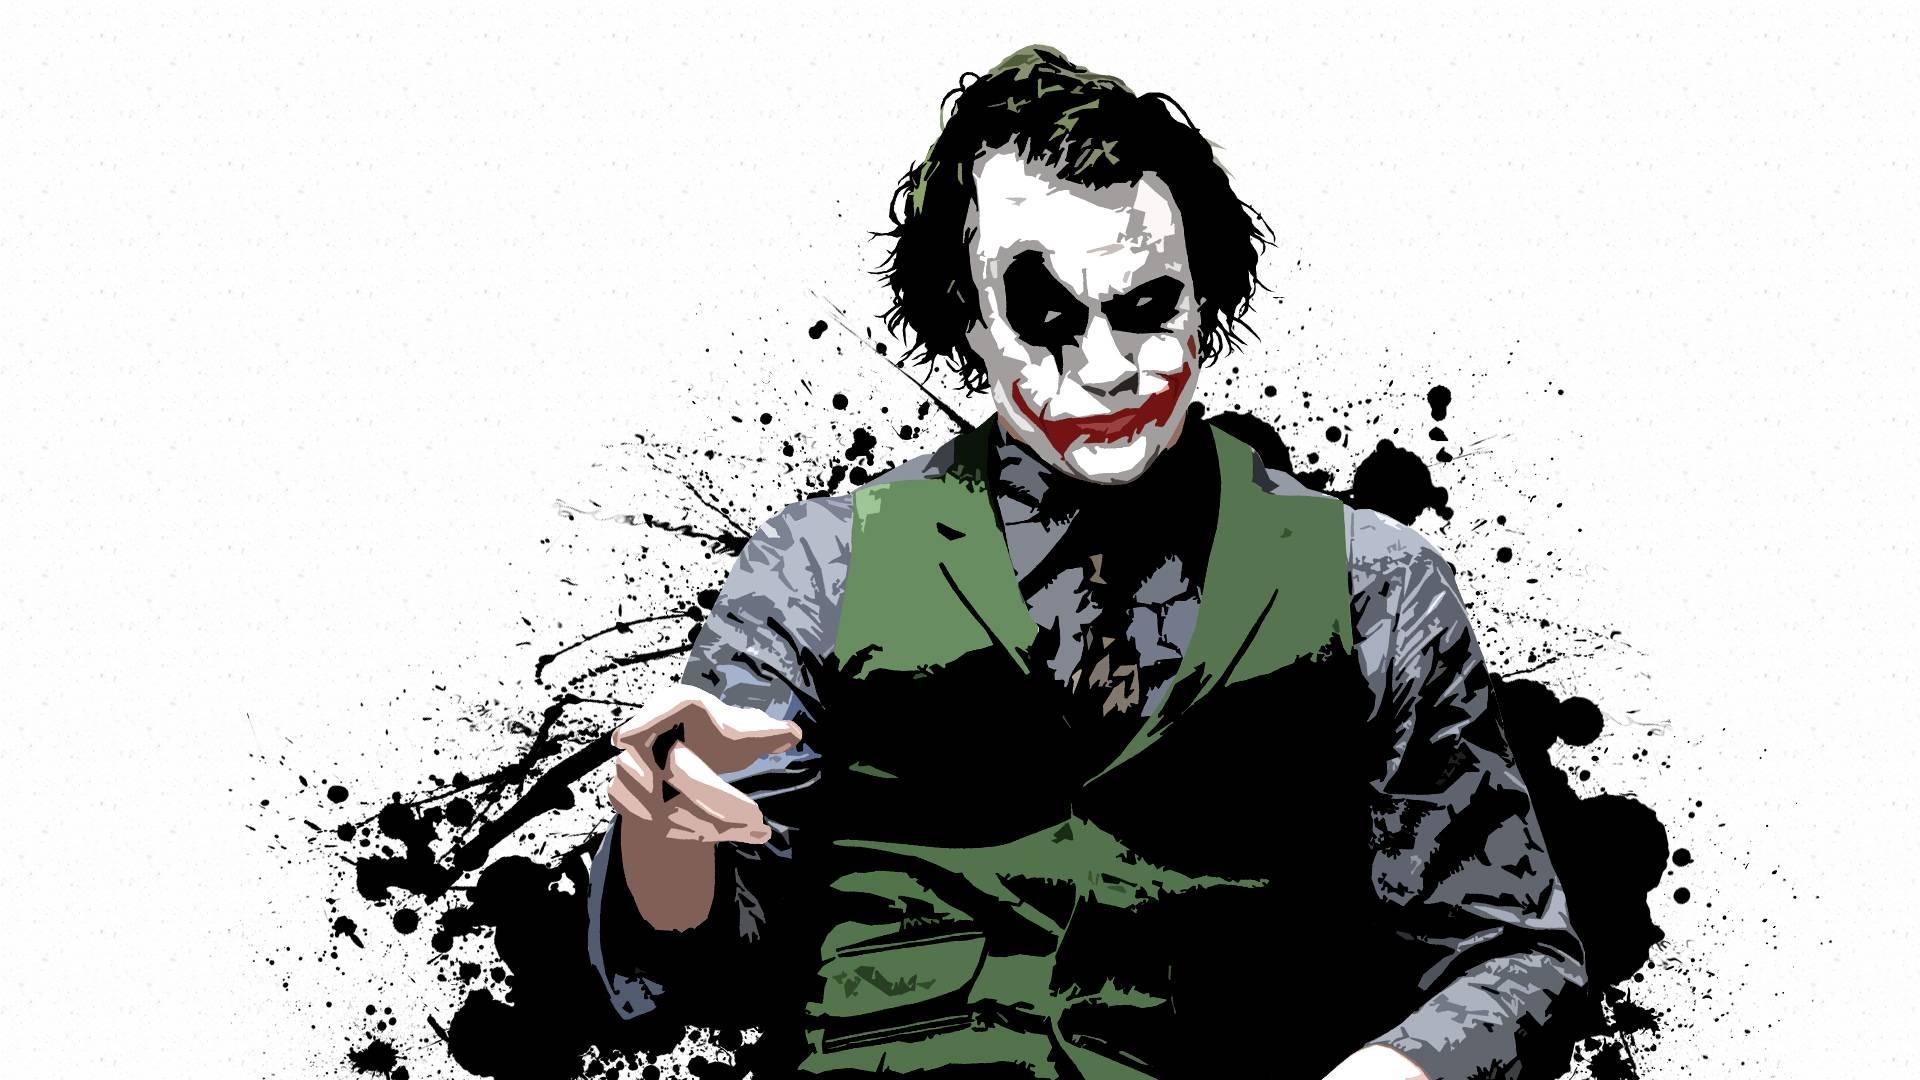 Joker Wallpaper   Batman Wallpaper 1920x1080